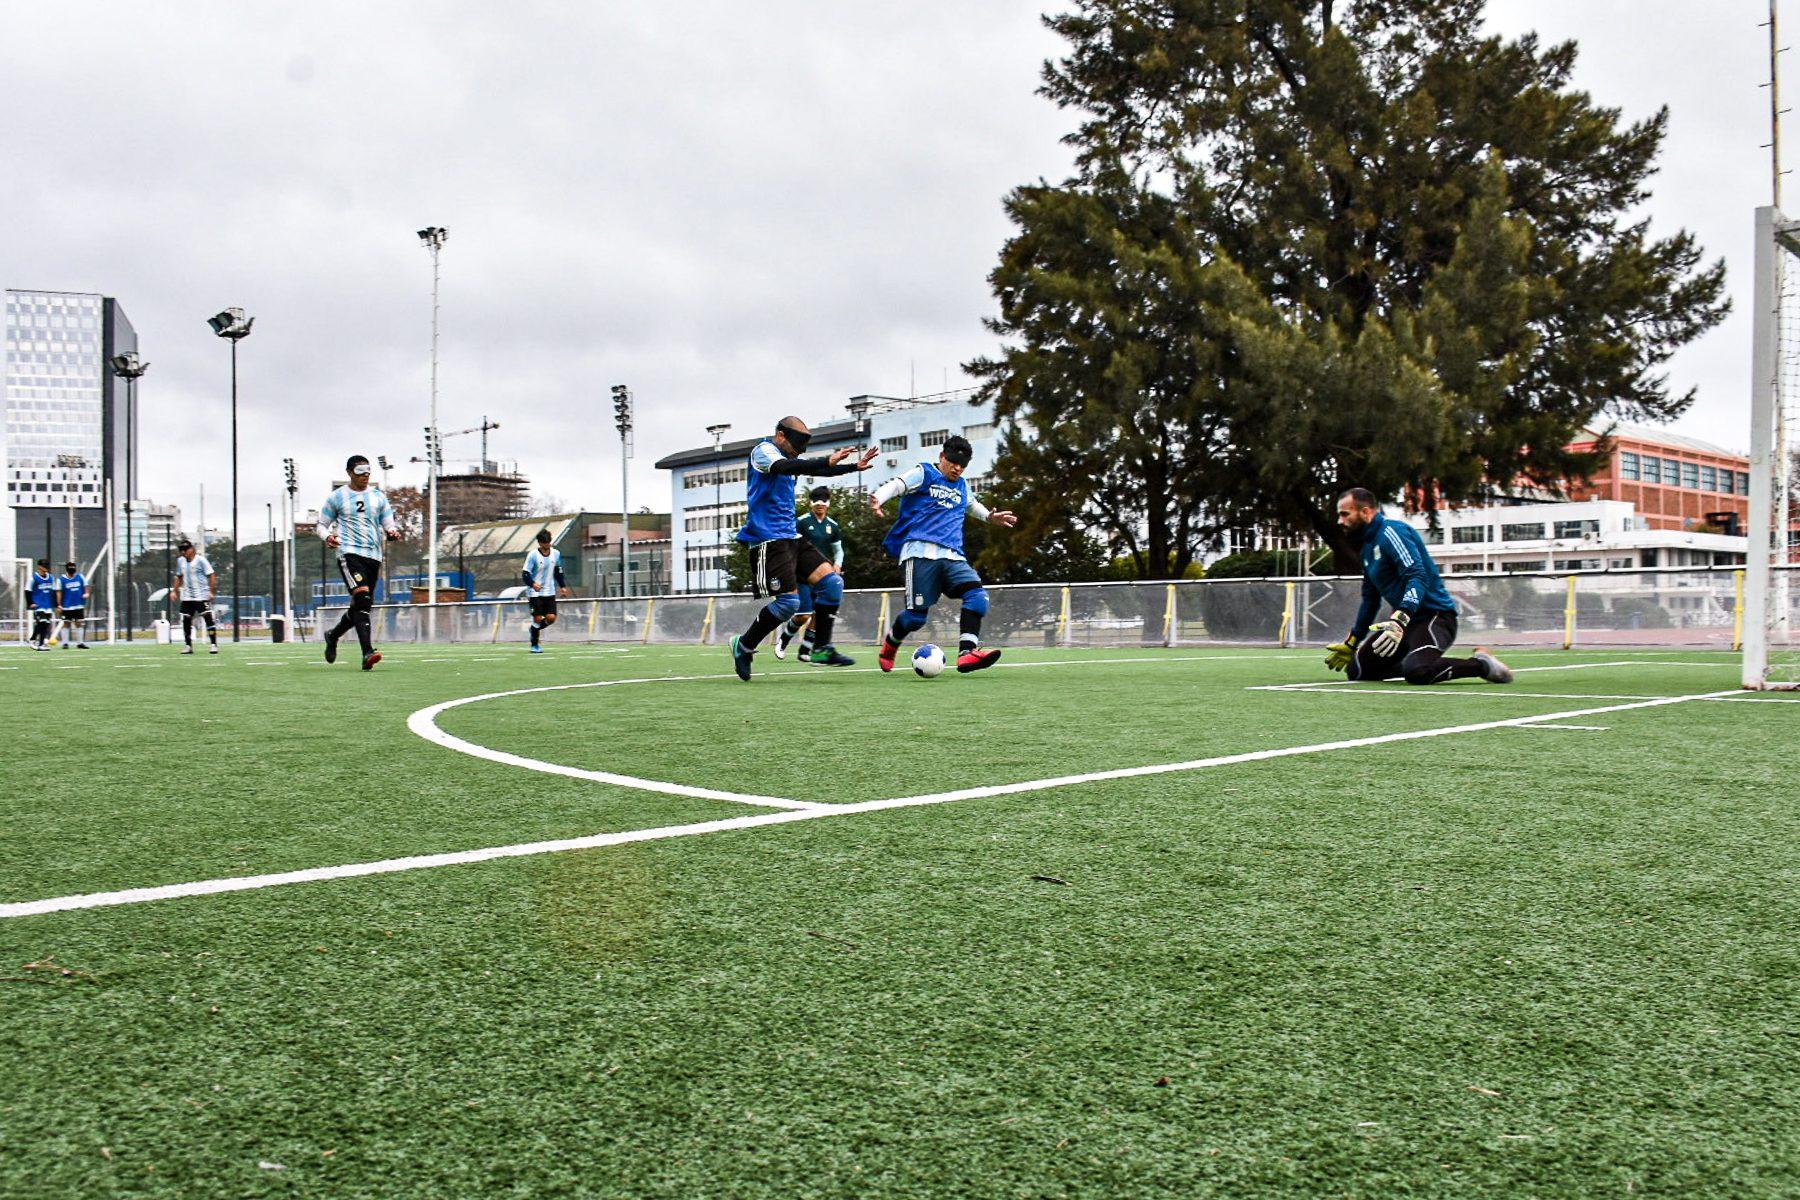 Fútbol para ciegos: Los Murciélagos y una concentración clave